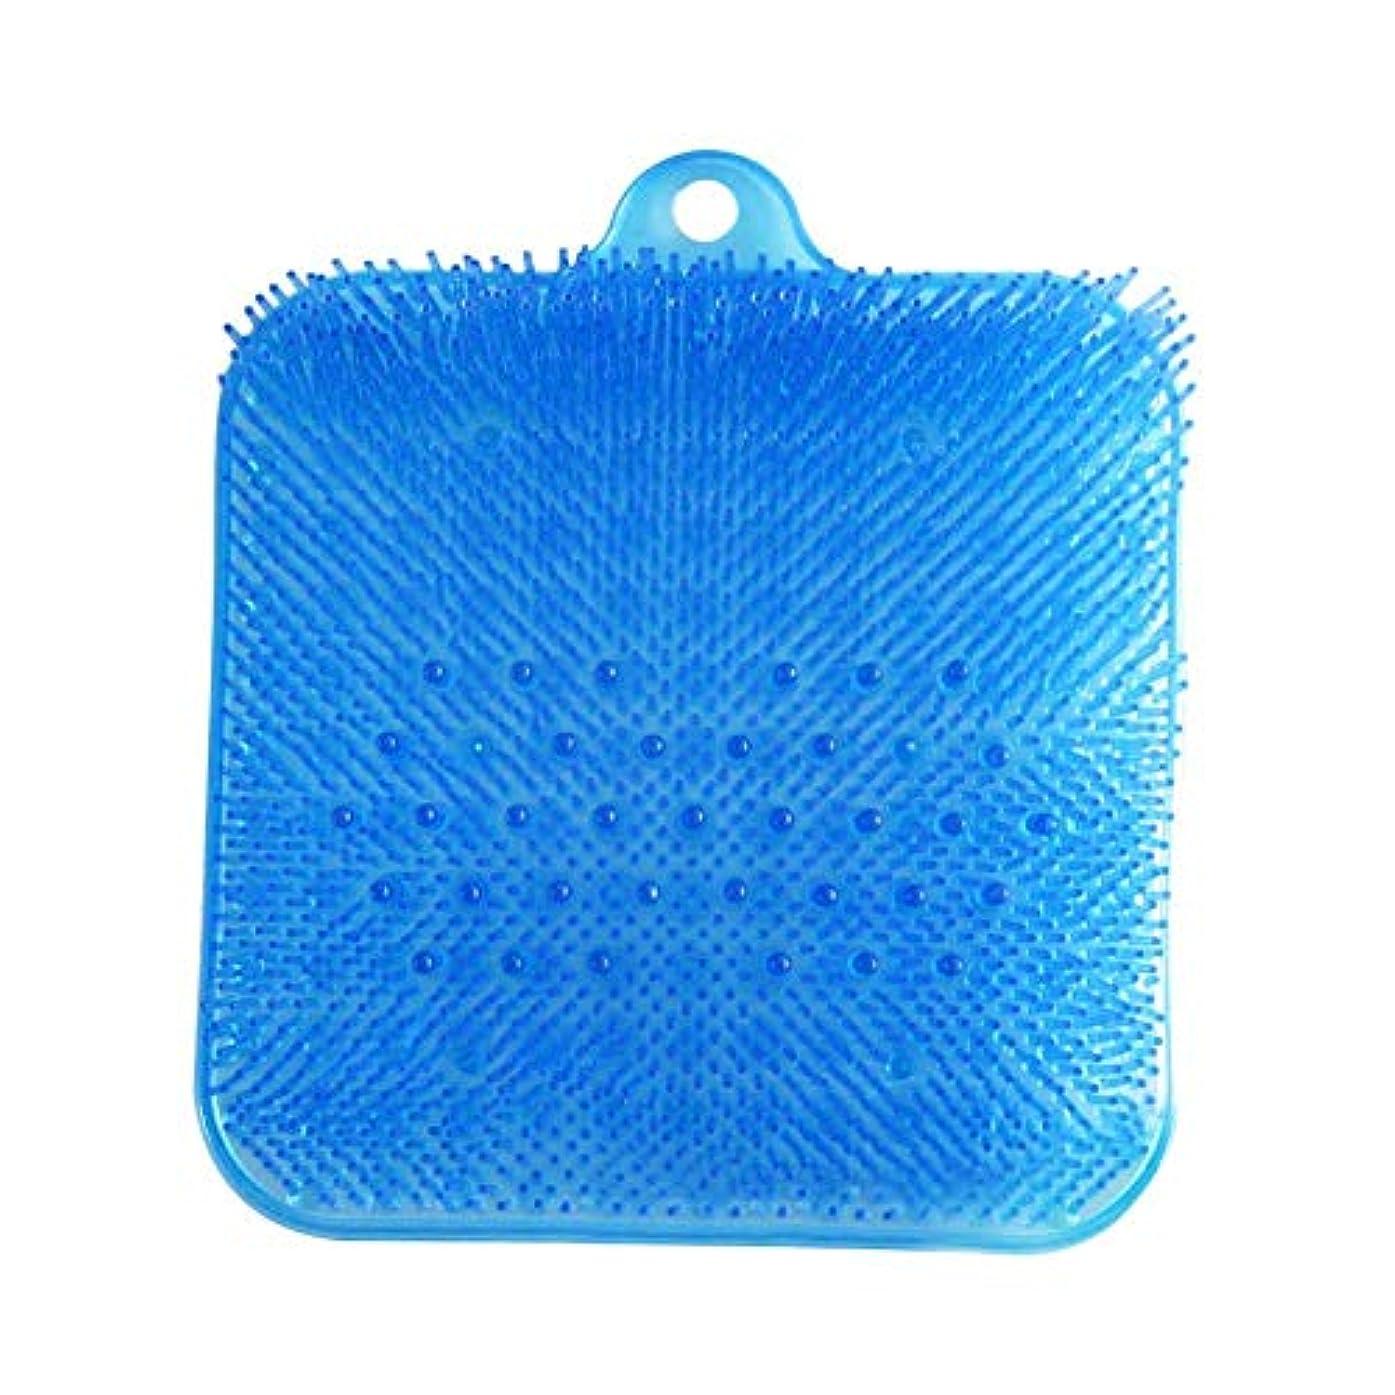 インスタント余分な池足洗いマット 足洗いブラシ フットウォッシャー 足洗い用 バスマット 角質ケアブラシ フットブラシ 足洗いマット 浴室 汚れ角質除去 ストレス解消 お風呂で使える